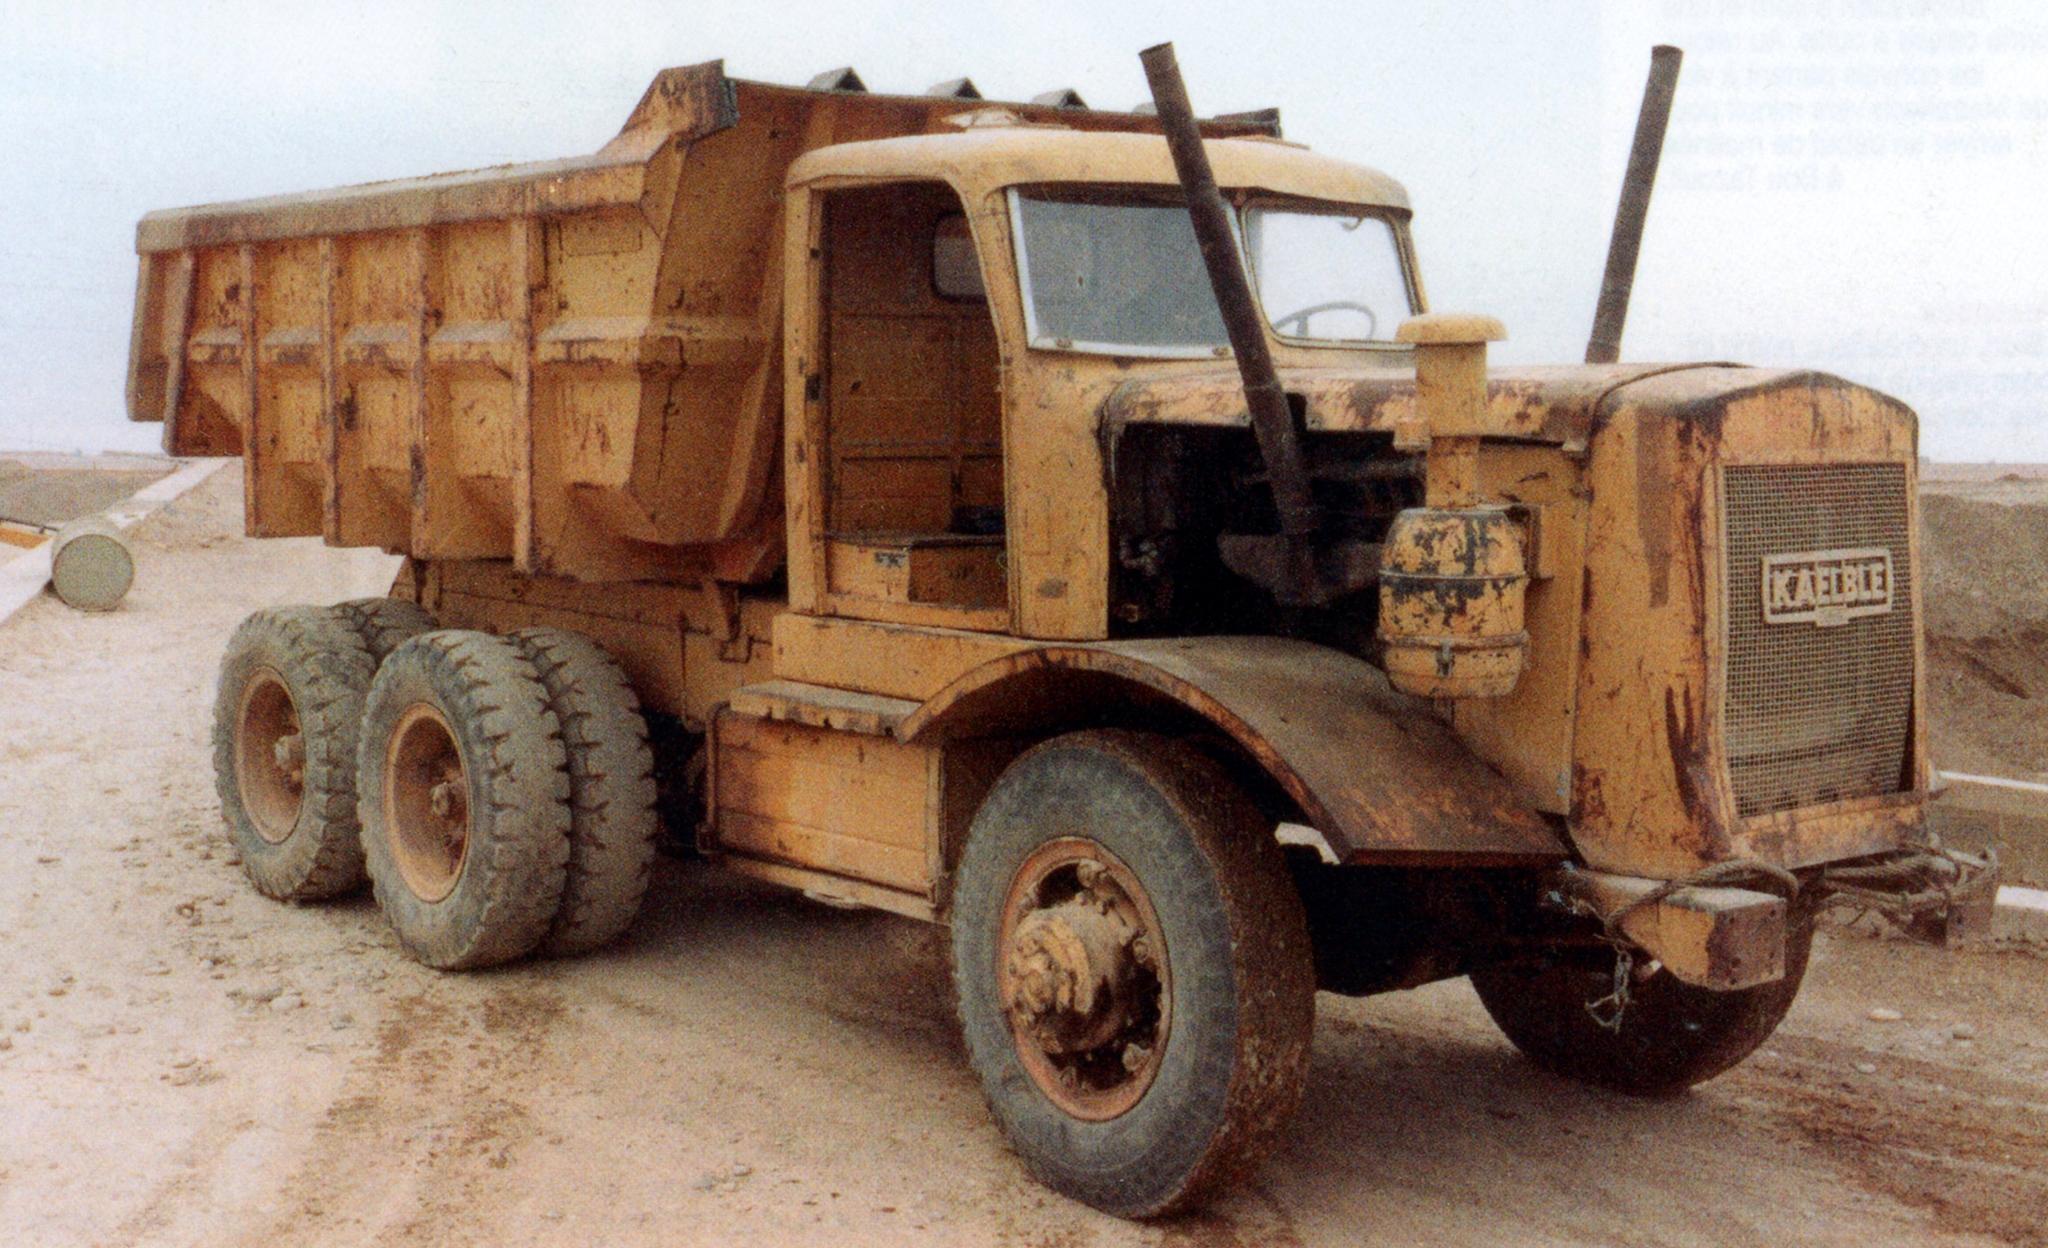 Transport Routier au Maroc - Histoire - Page 2 49876255696_5086cd2911_o_d